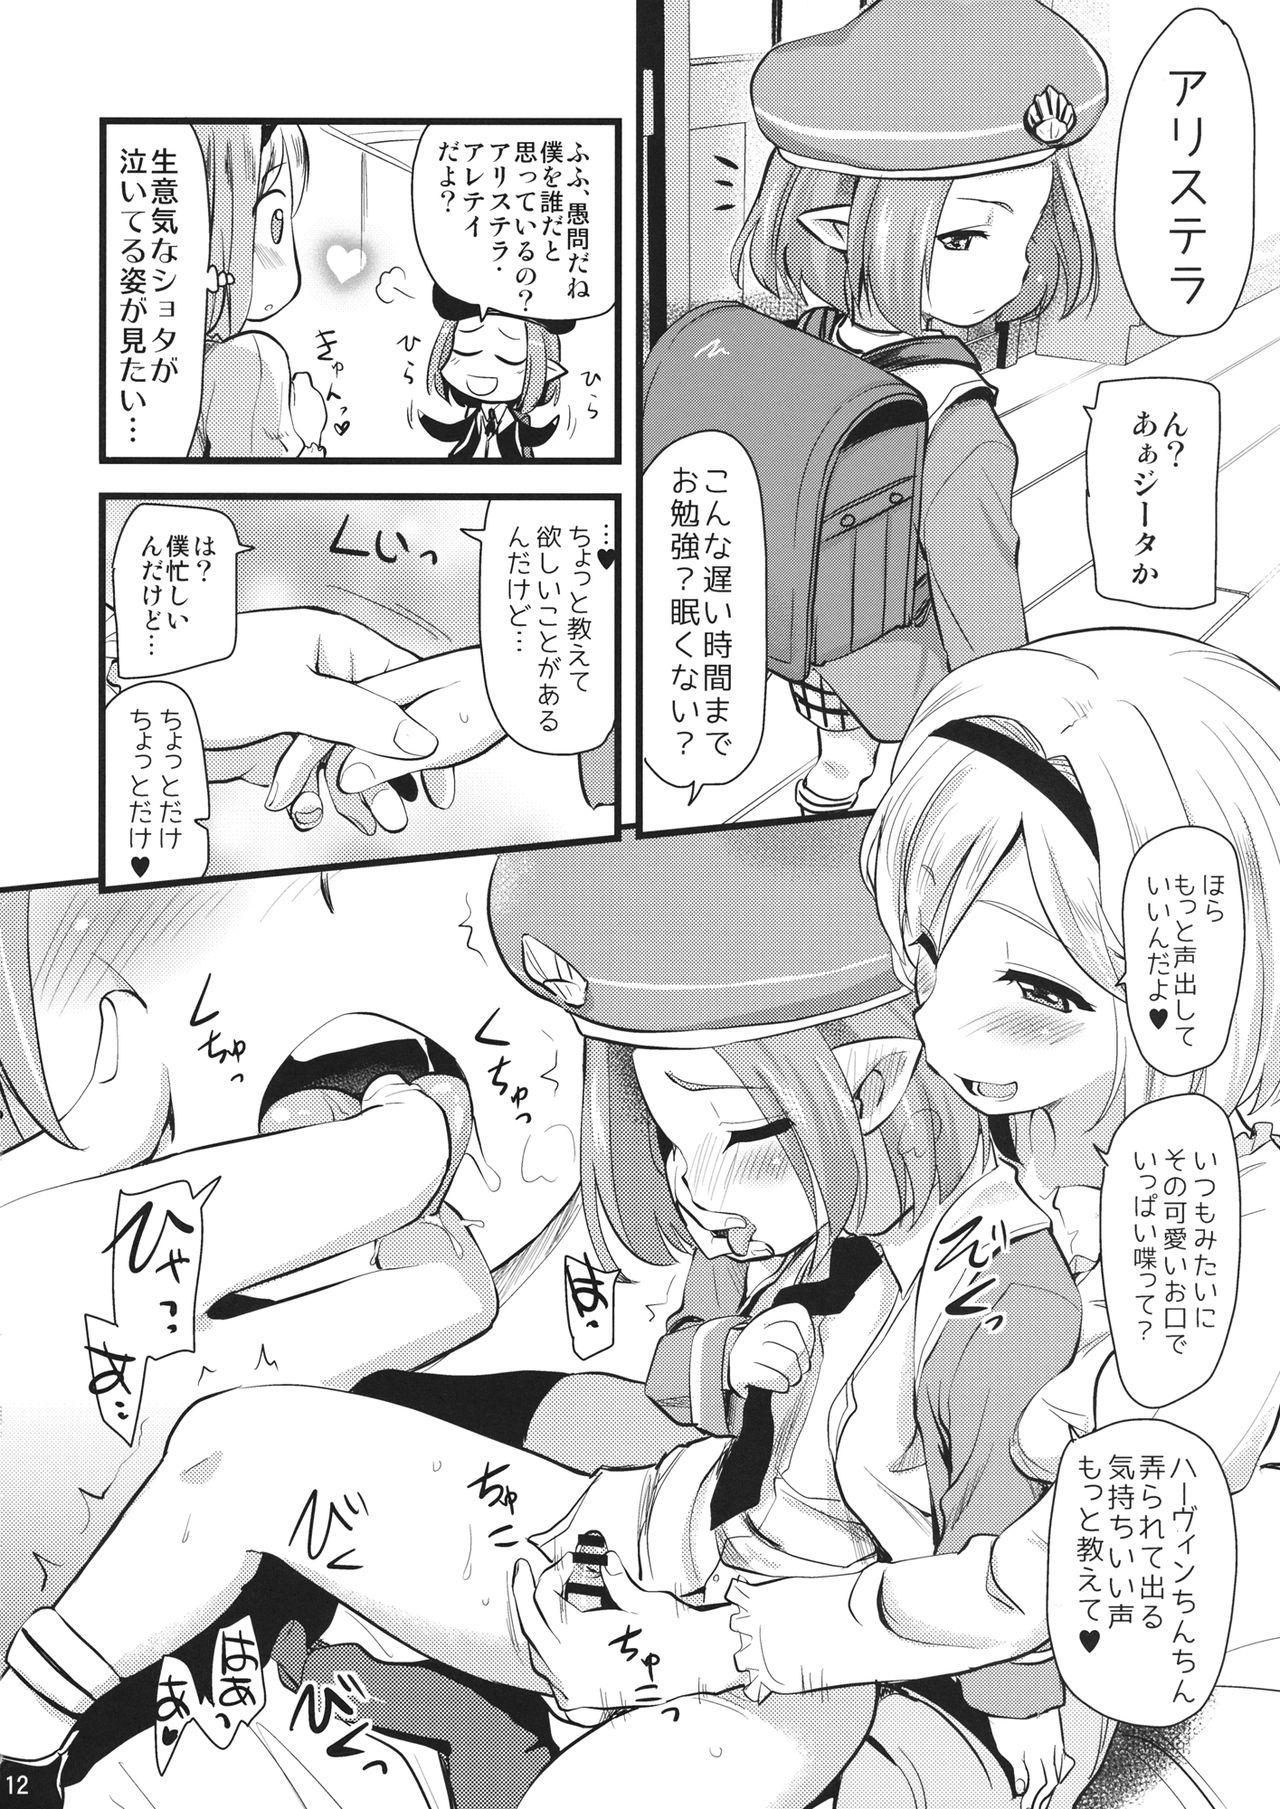 Mizu o Kaburu to Onna ni Nacchau Fuzaketa Taishitsu. 10